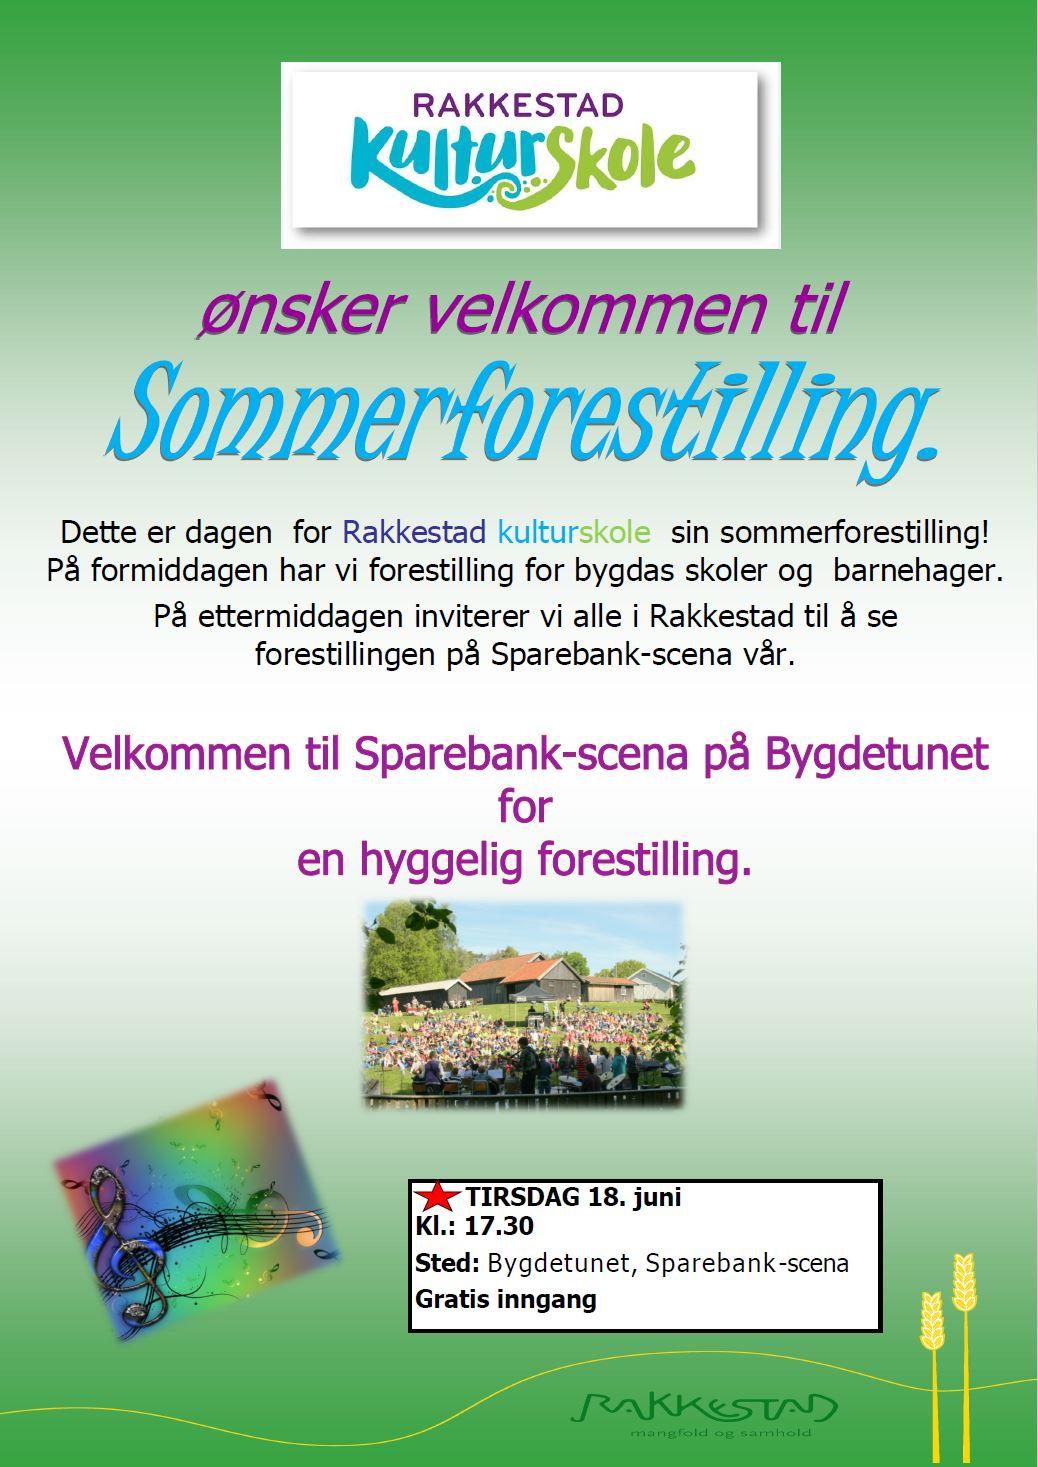 Plakat Sommerforestilling Rakkestad Kulturskole 18.juni 2019 - Bygdetunet.jgp